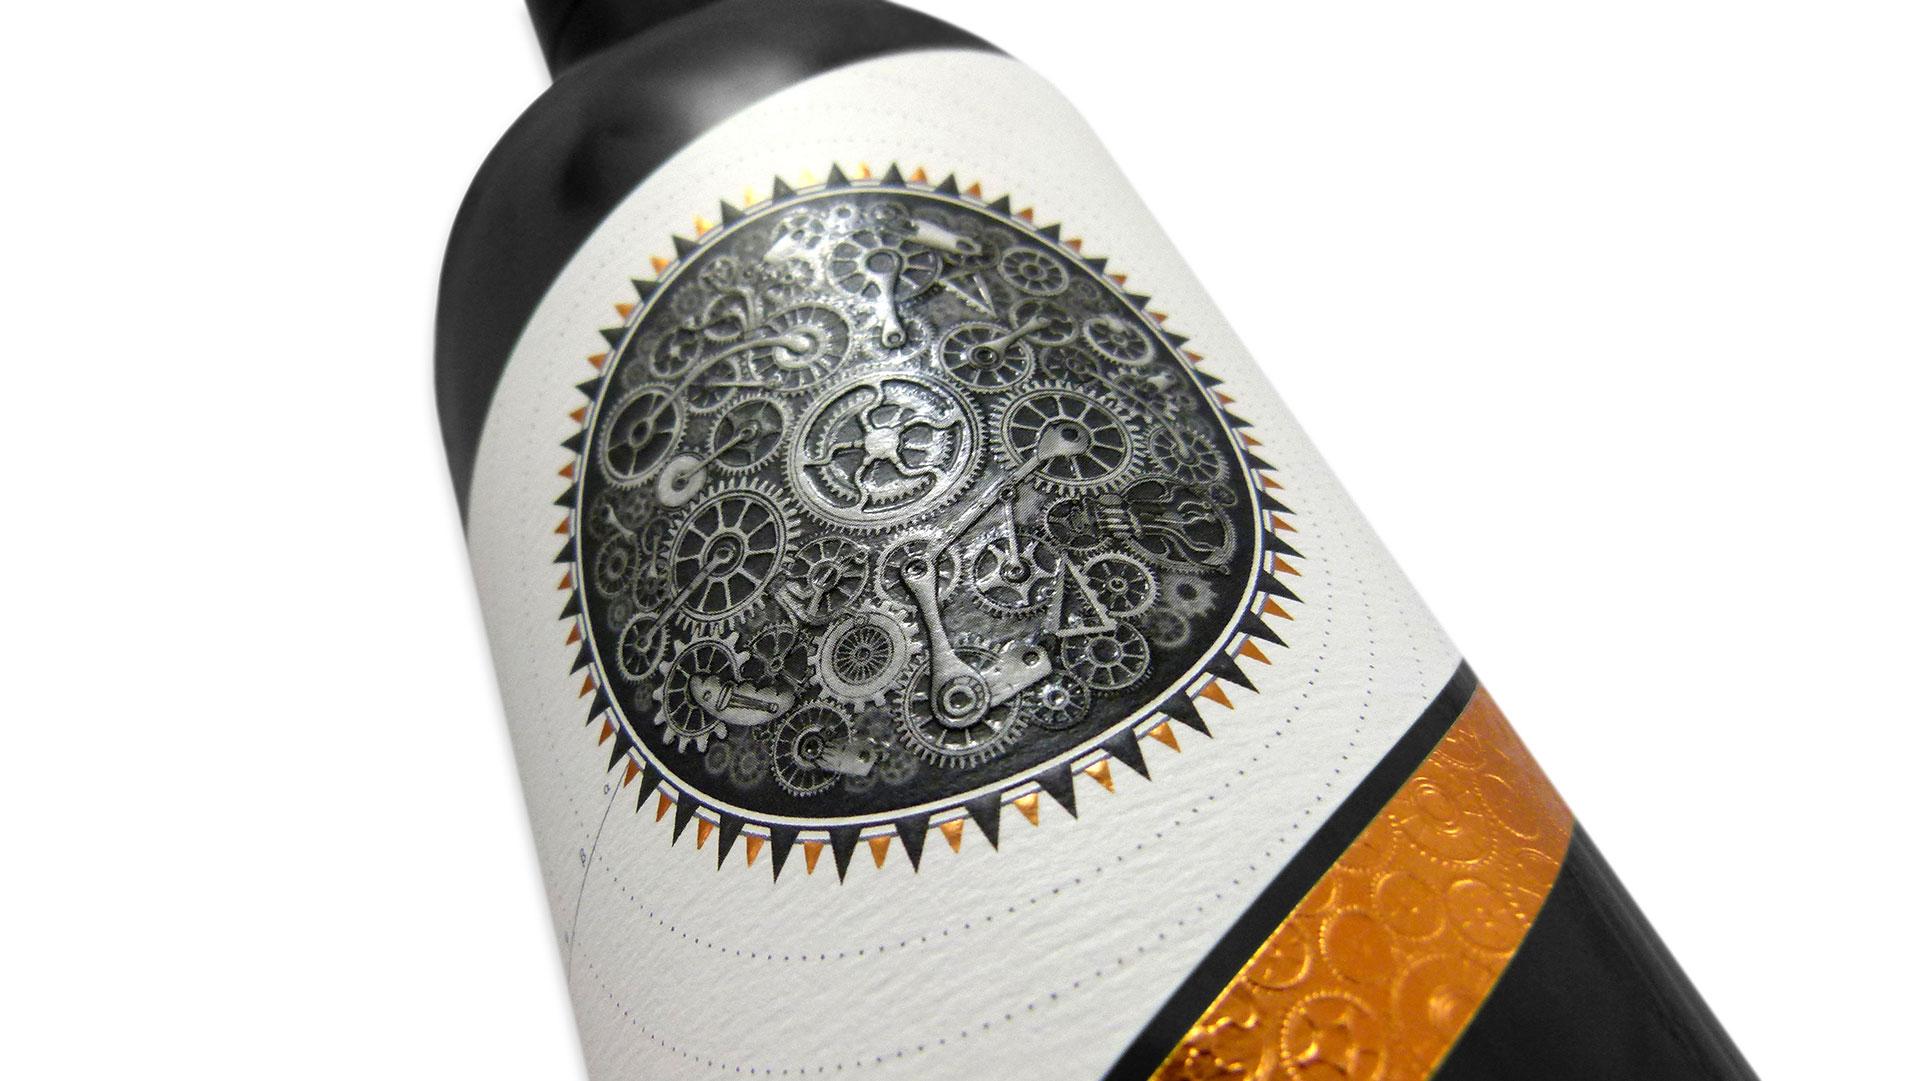 807-precision-wine-1